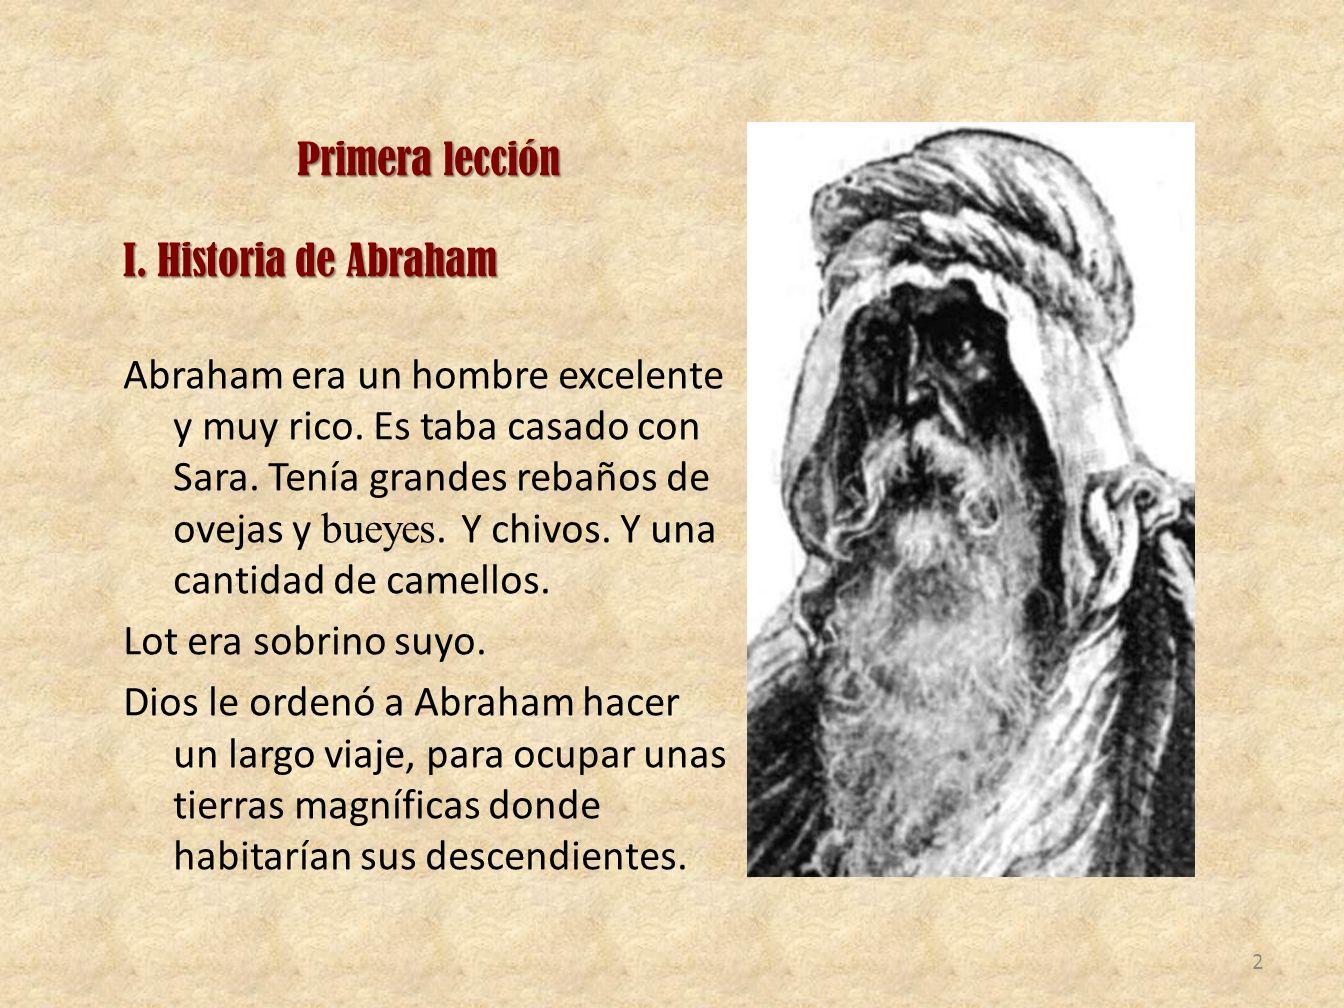 Primera lección I. Historia de Abraham I. Historia de Abraham Abraham era un hombre excelente y muy rico. Es taba casado con Sara. Tenía grandes rebañ